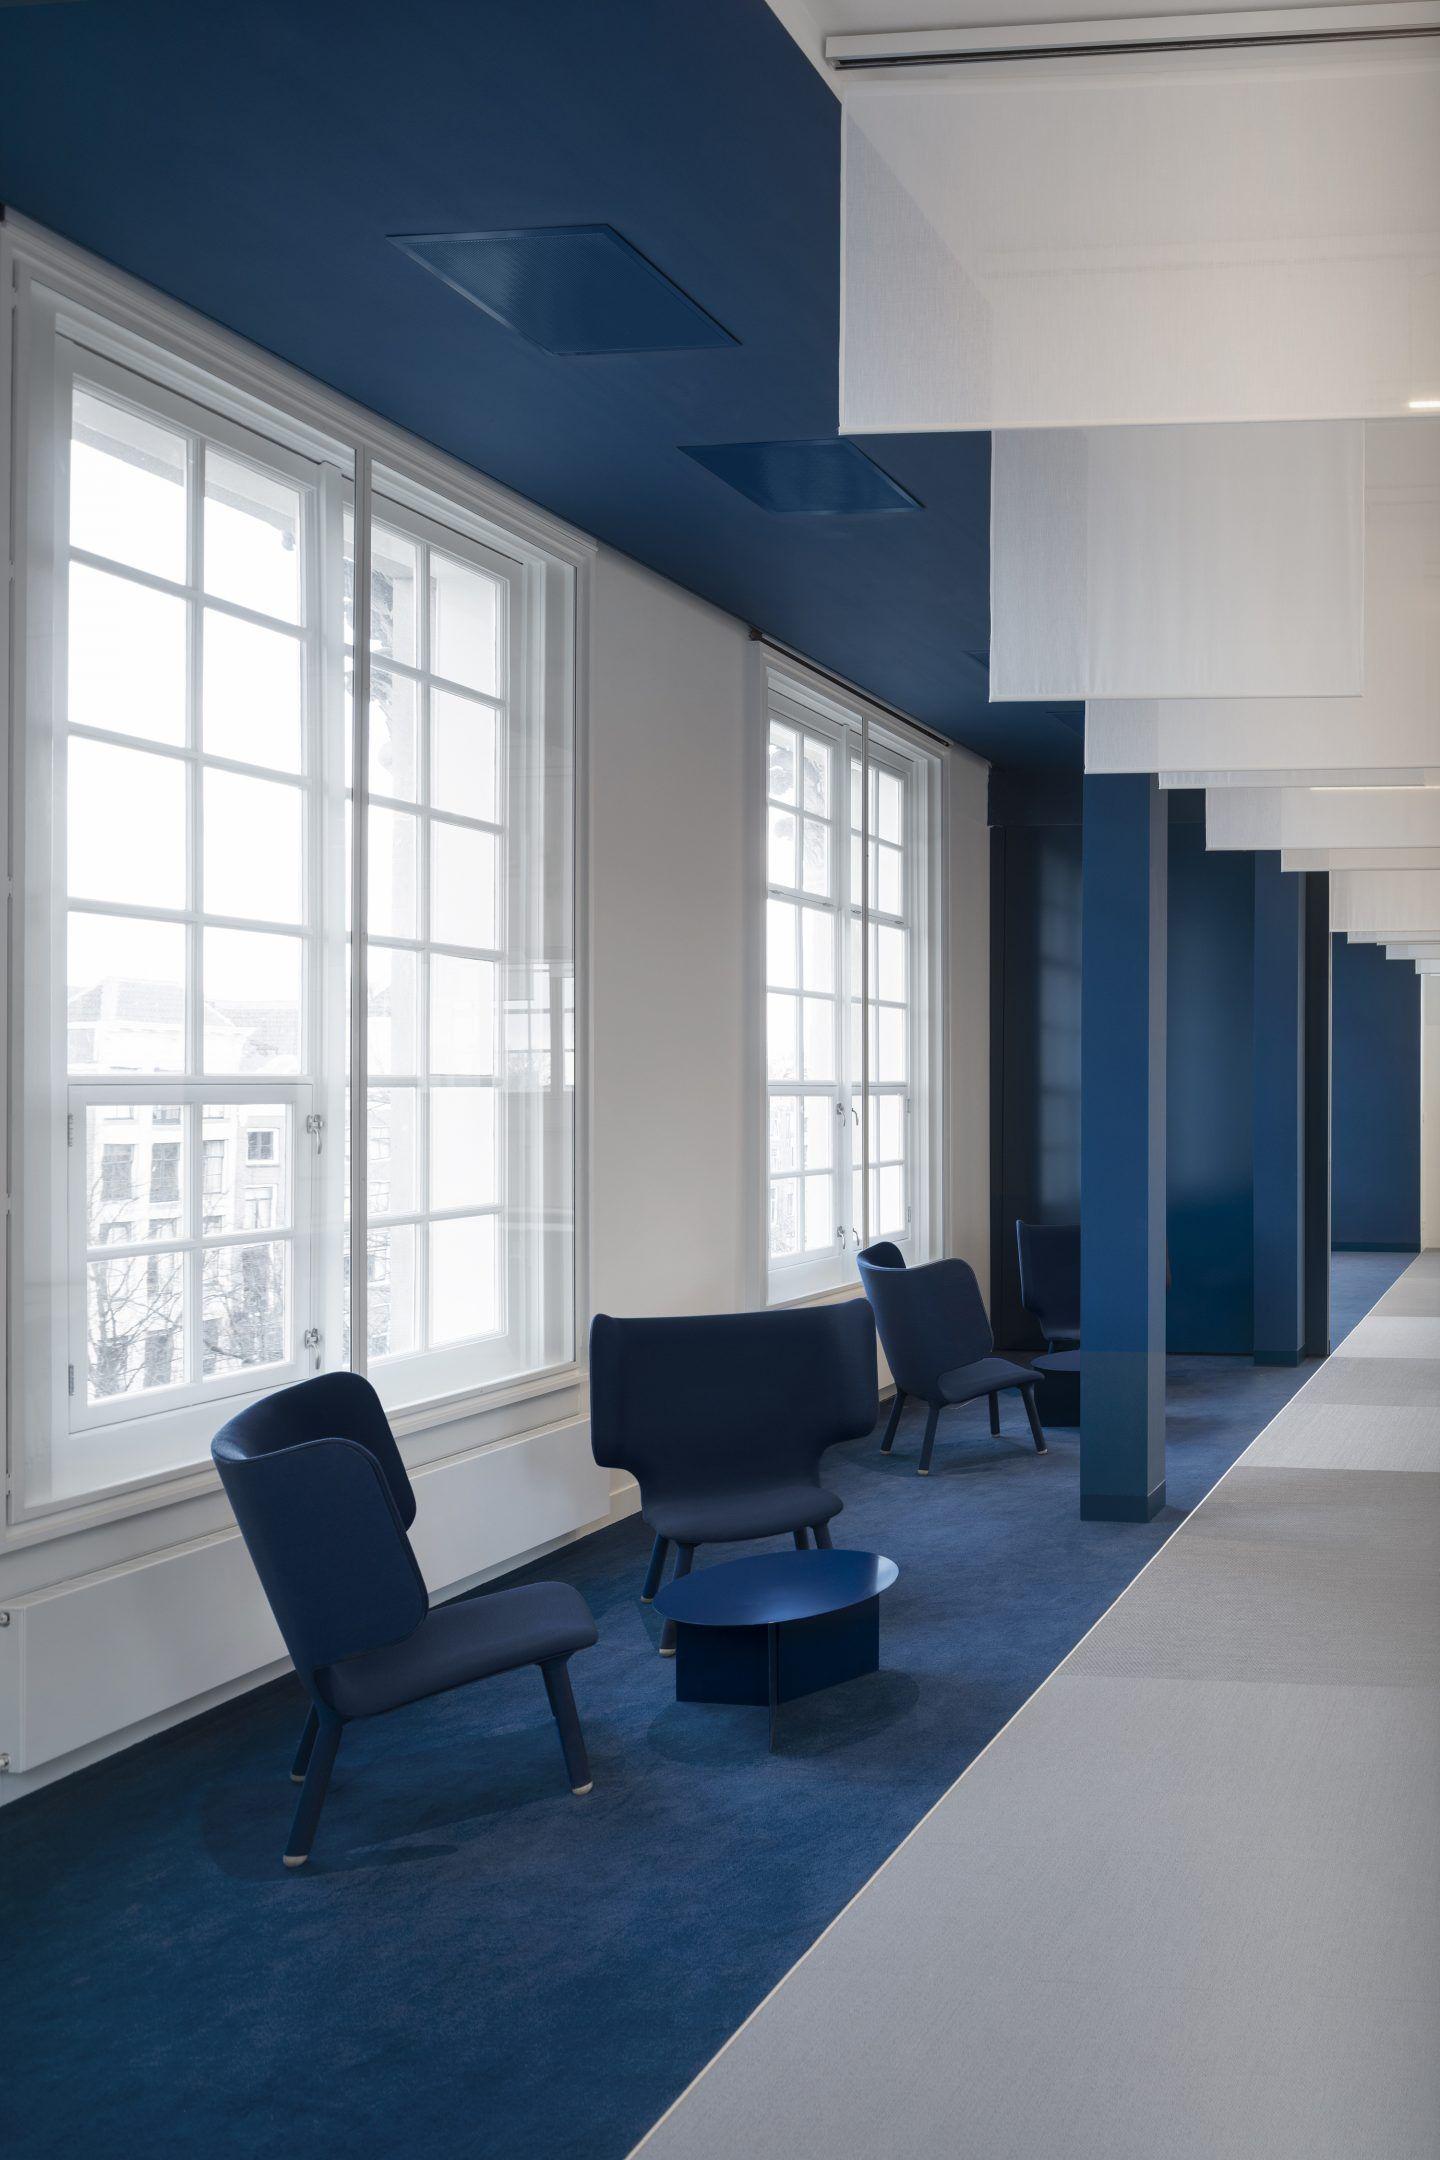 IGNANT-Design-FelixMeritis-19